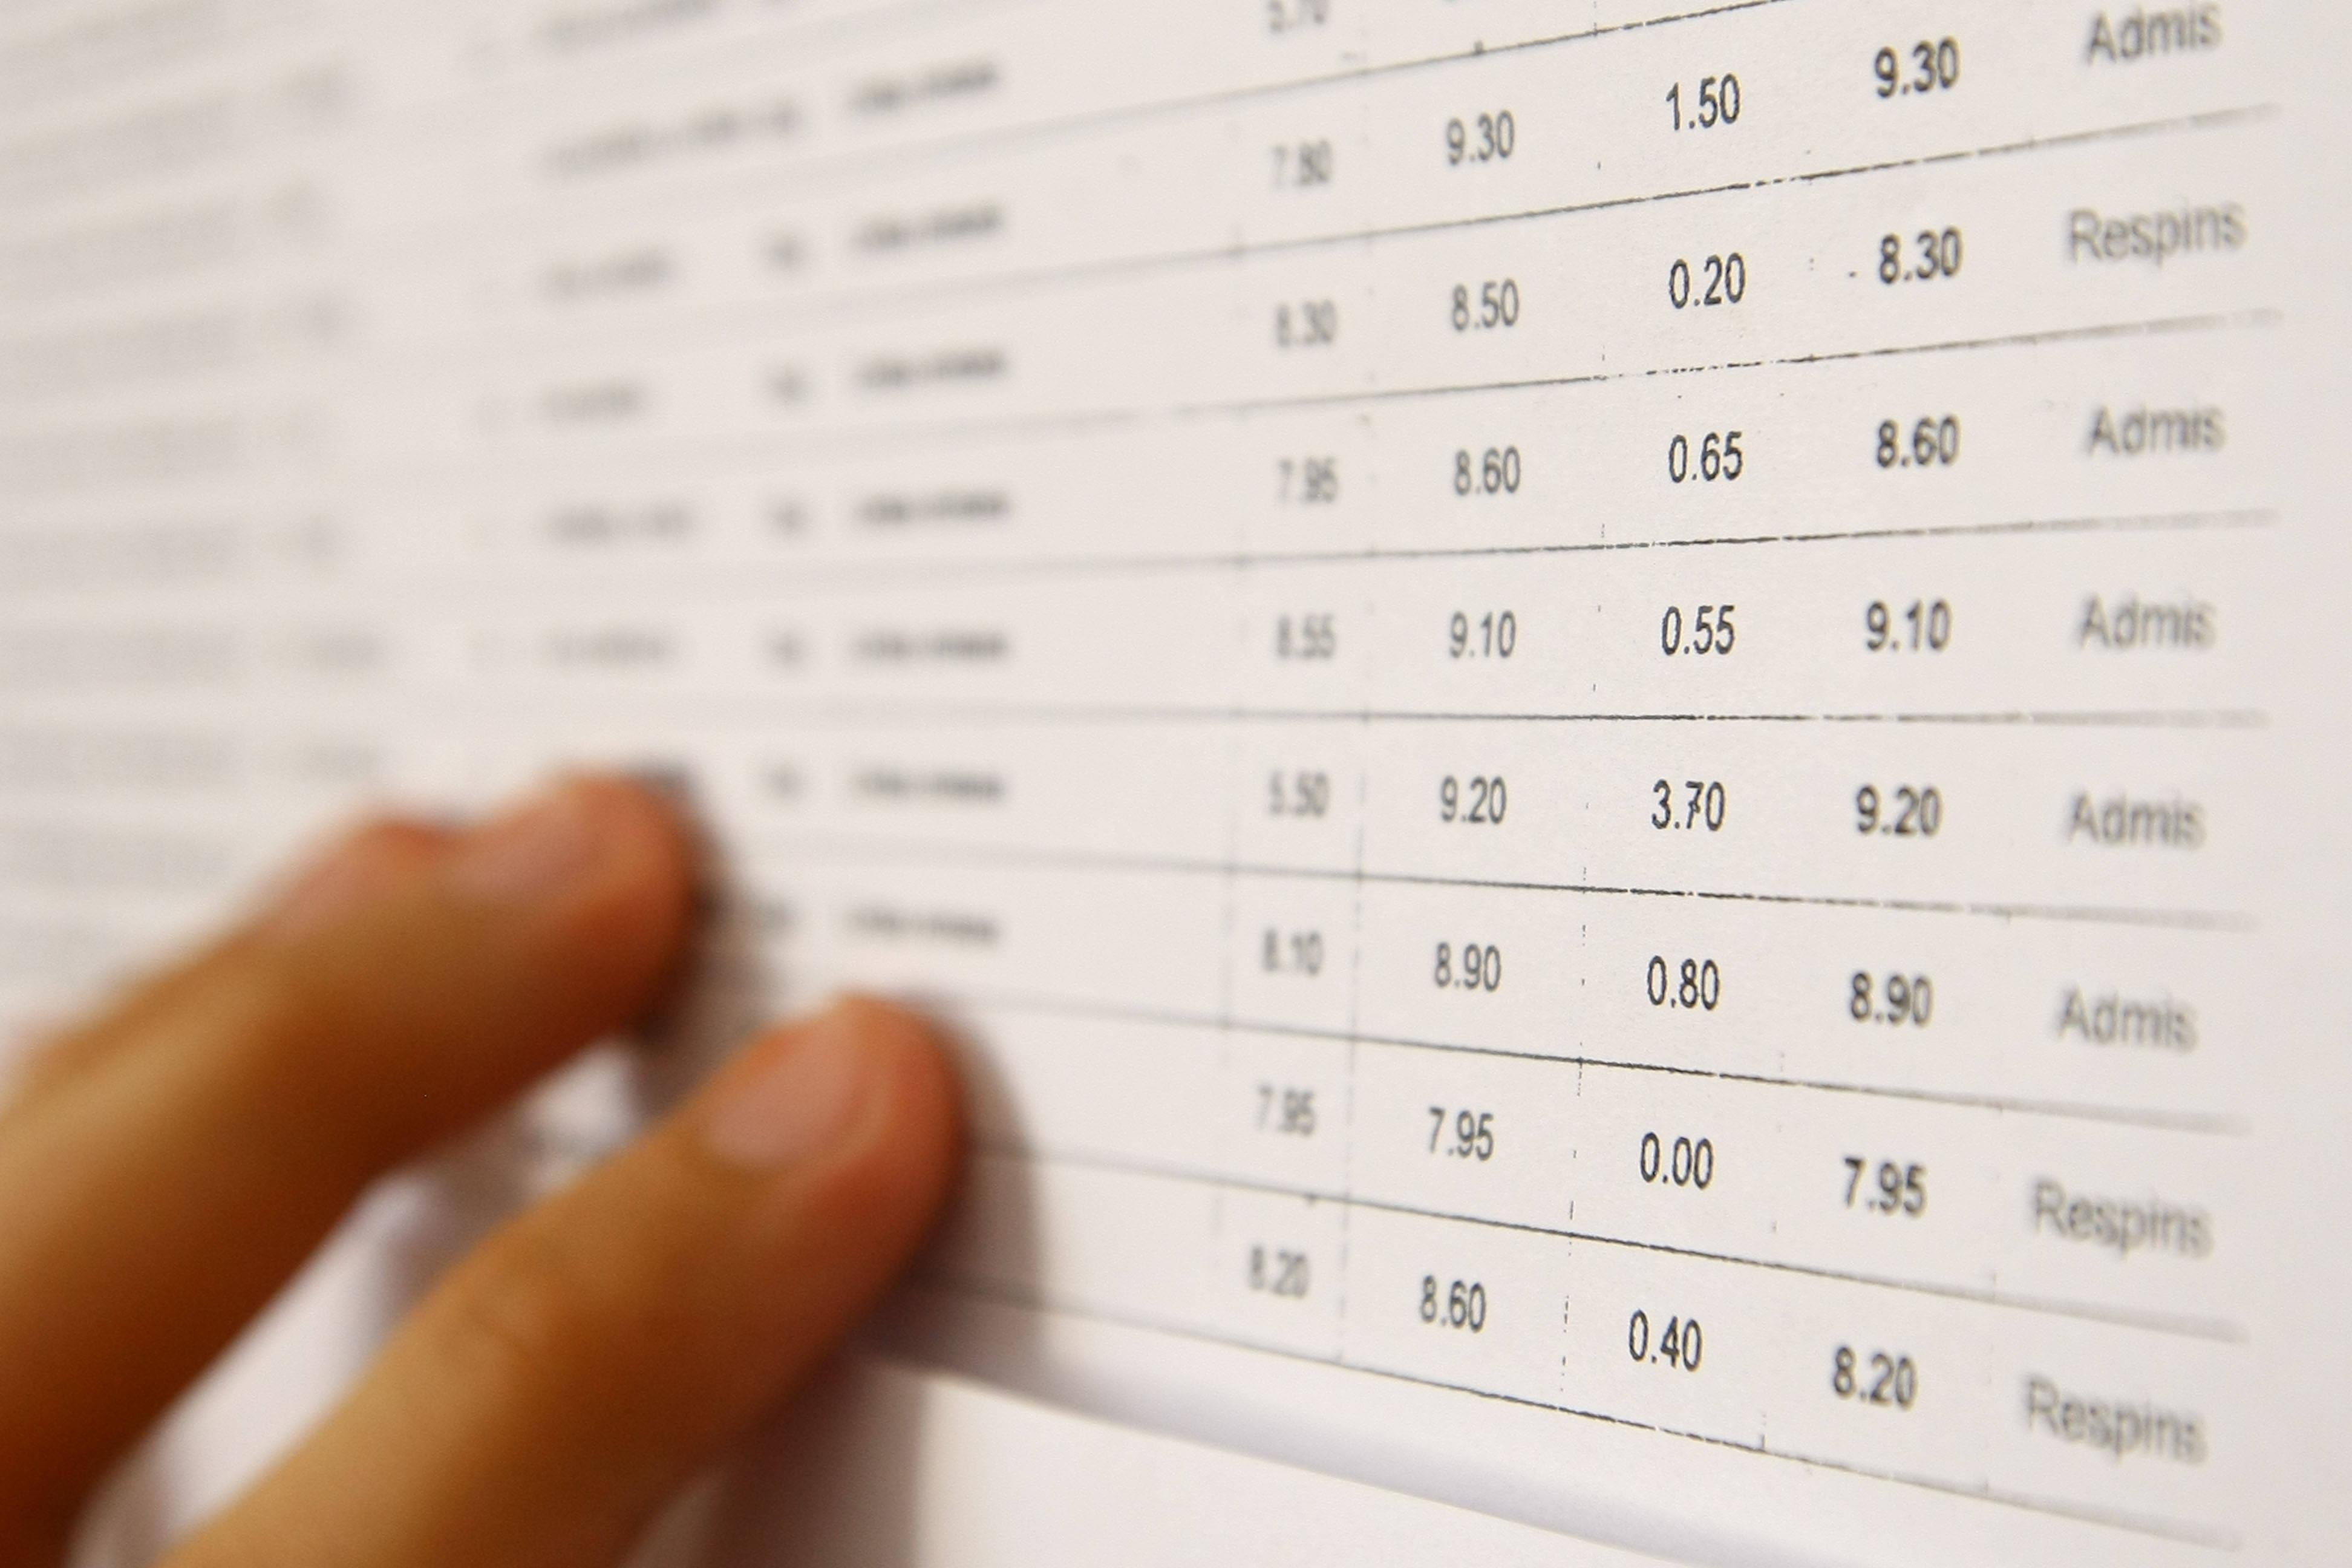 Cerere pentru contestație la Evaluarea Națională 2019 (Capacitate). Cum se depune contestația. Descarcă formularul aici